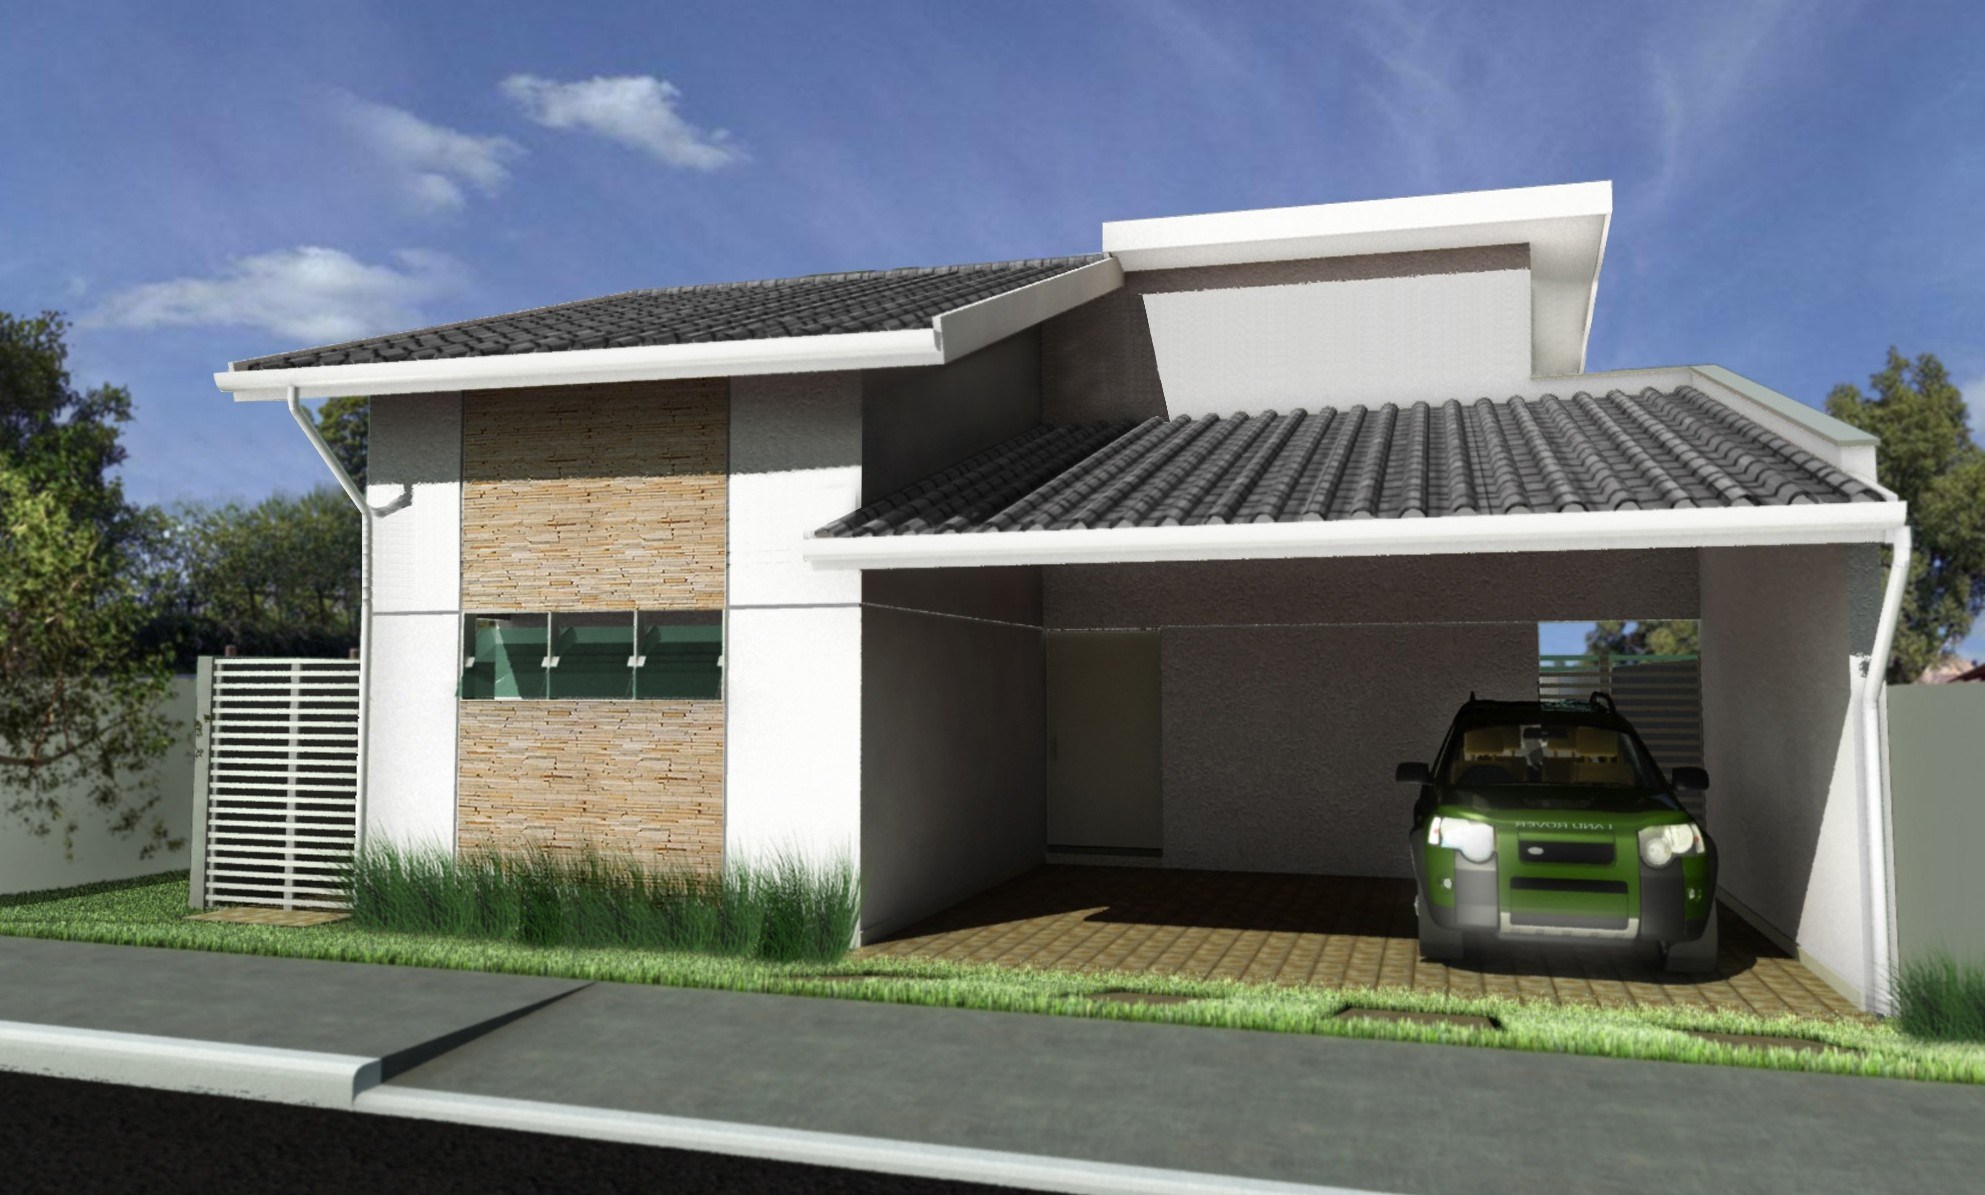 Fachadas de casas pequenas e simples 95 ideias e modelos for Fachada de casas modernas estilo oriental